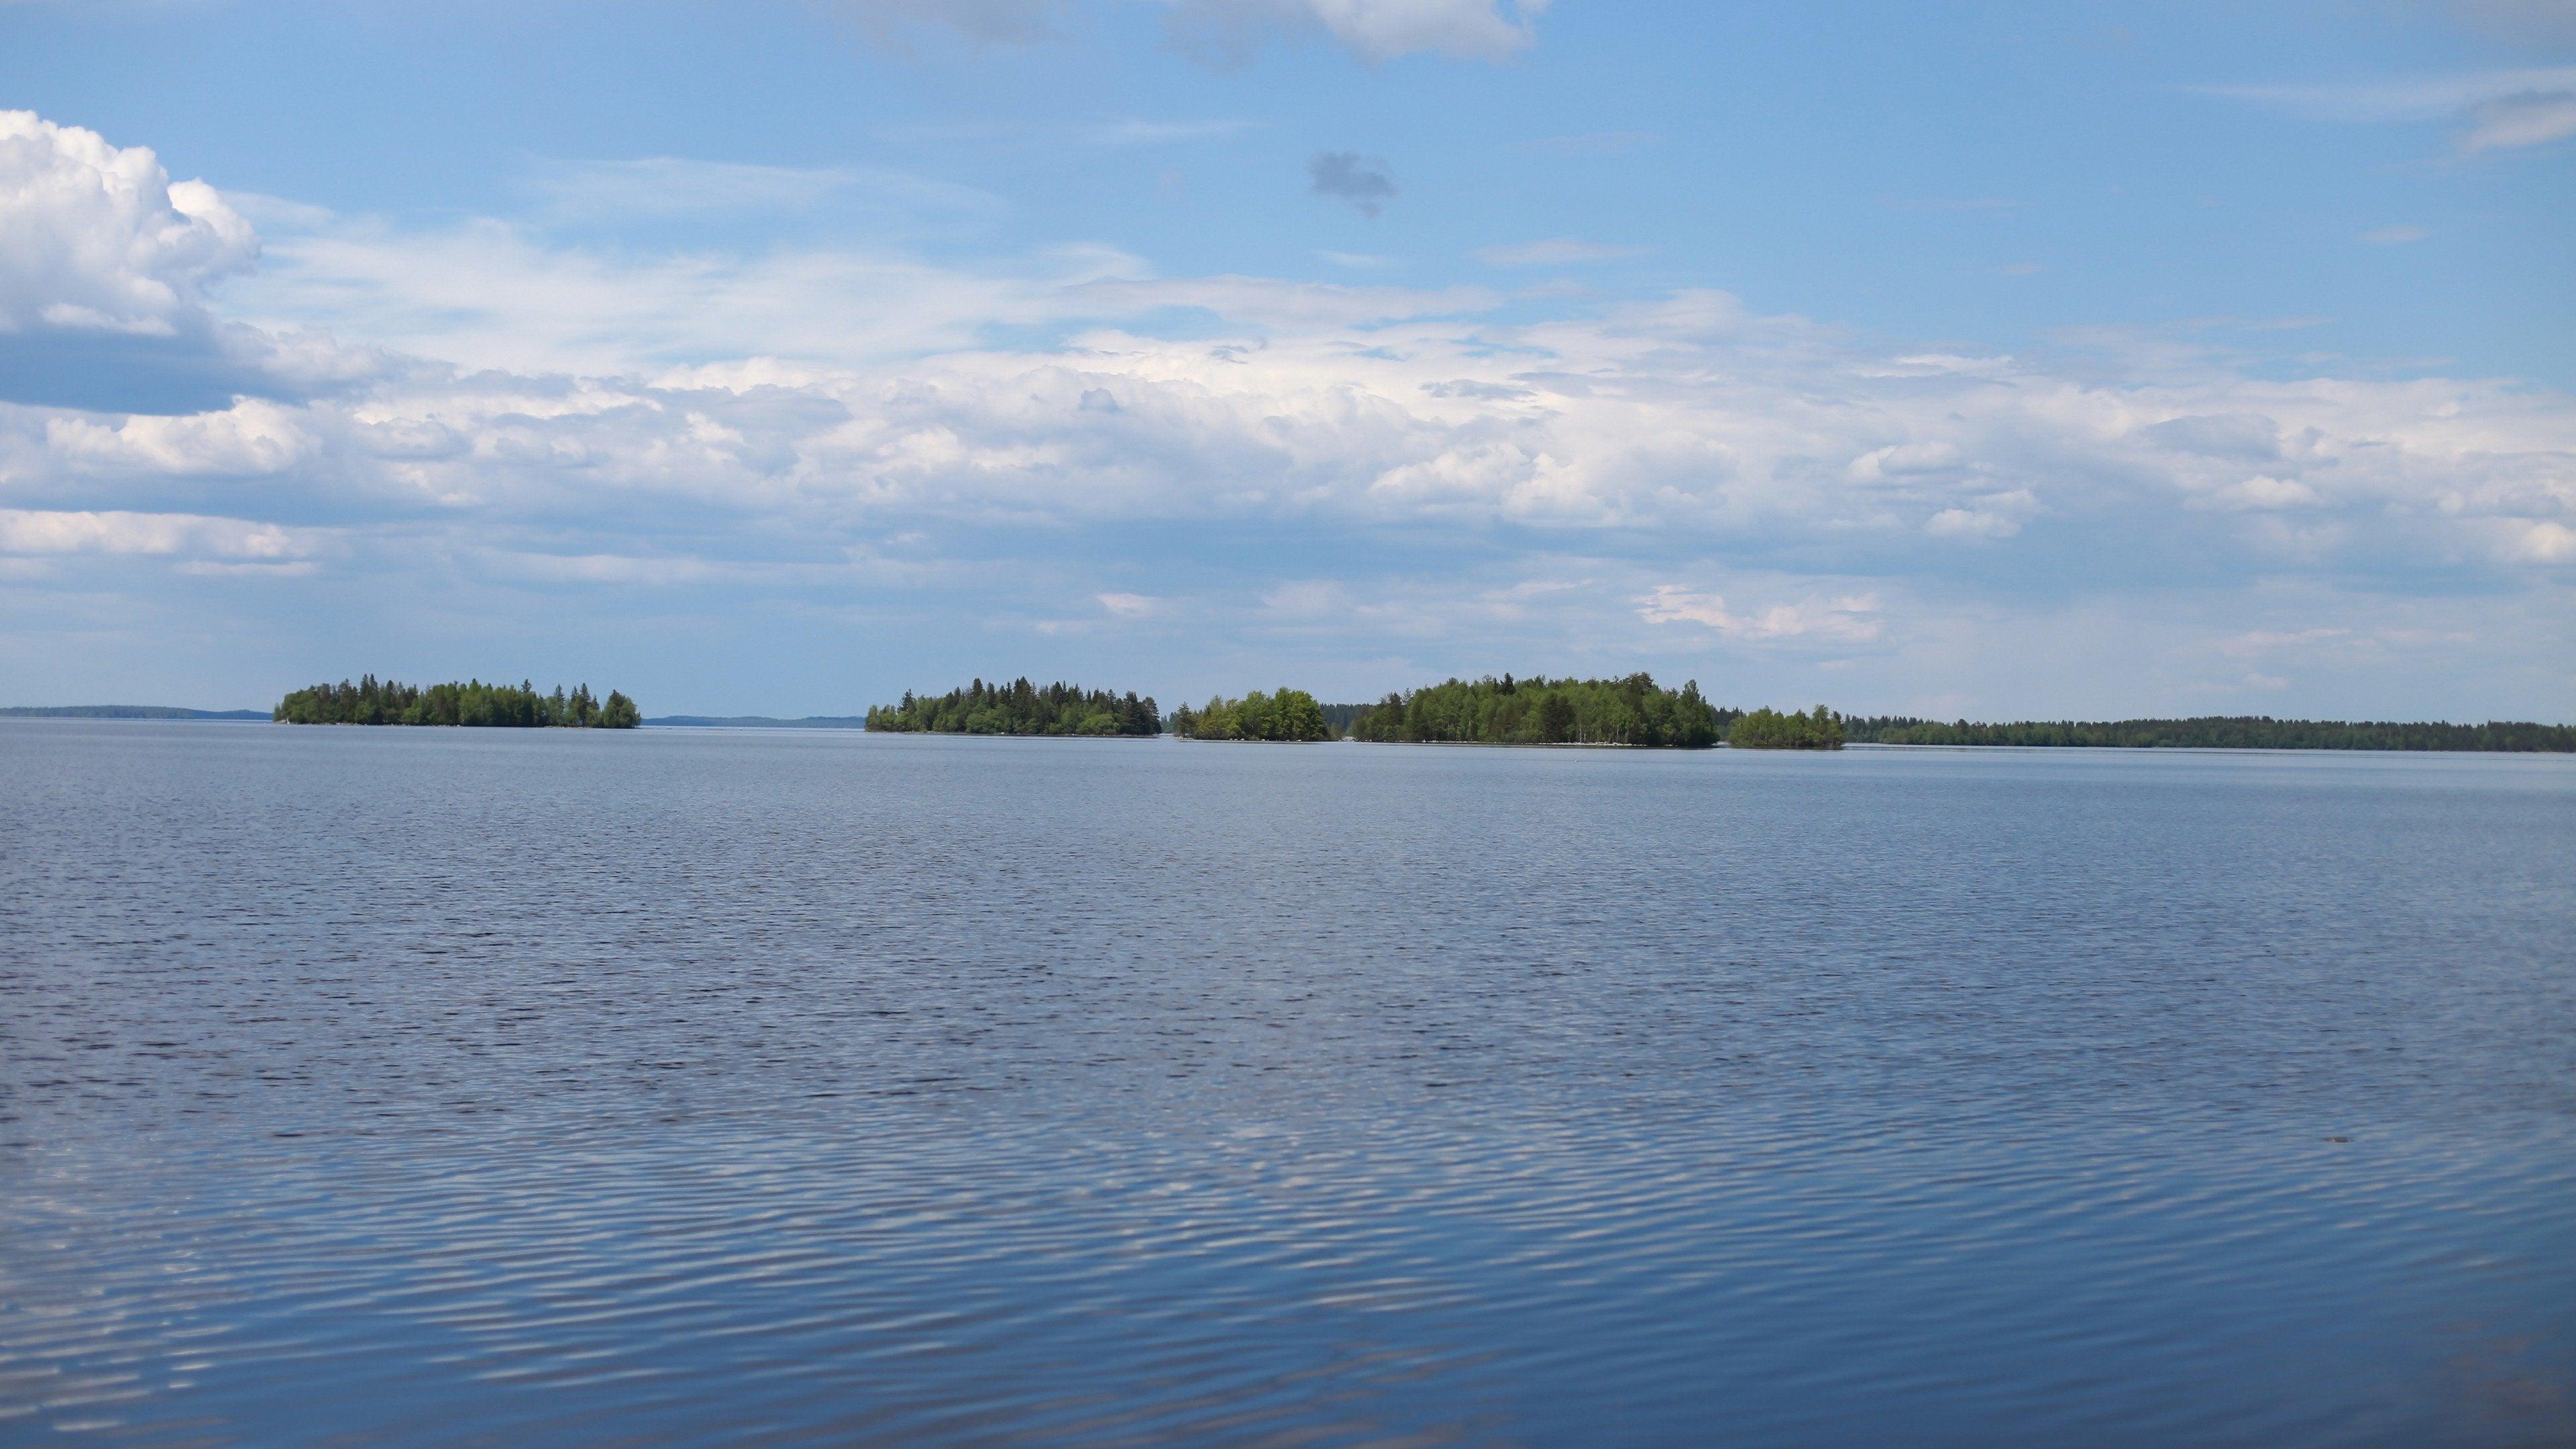 Karelia: The Tragedy on the Lake